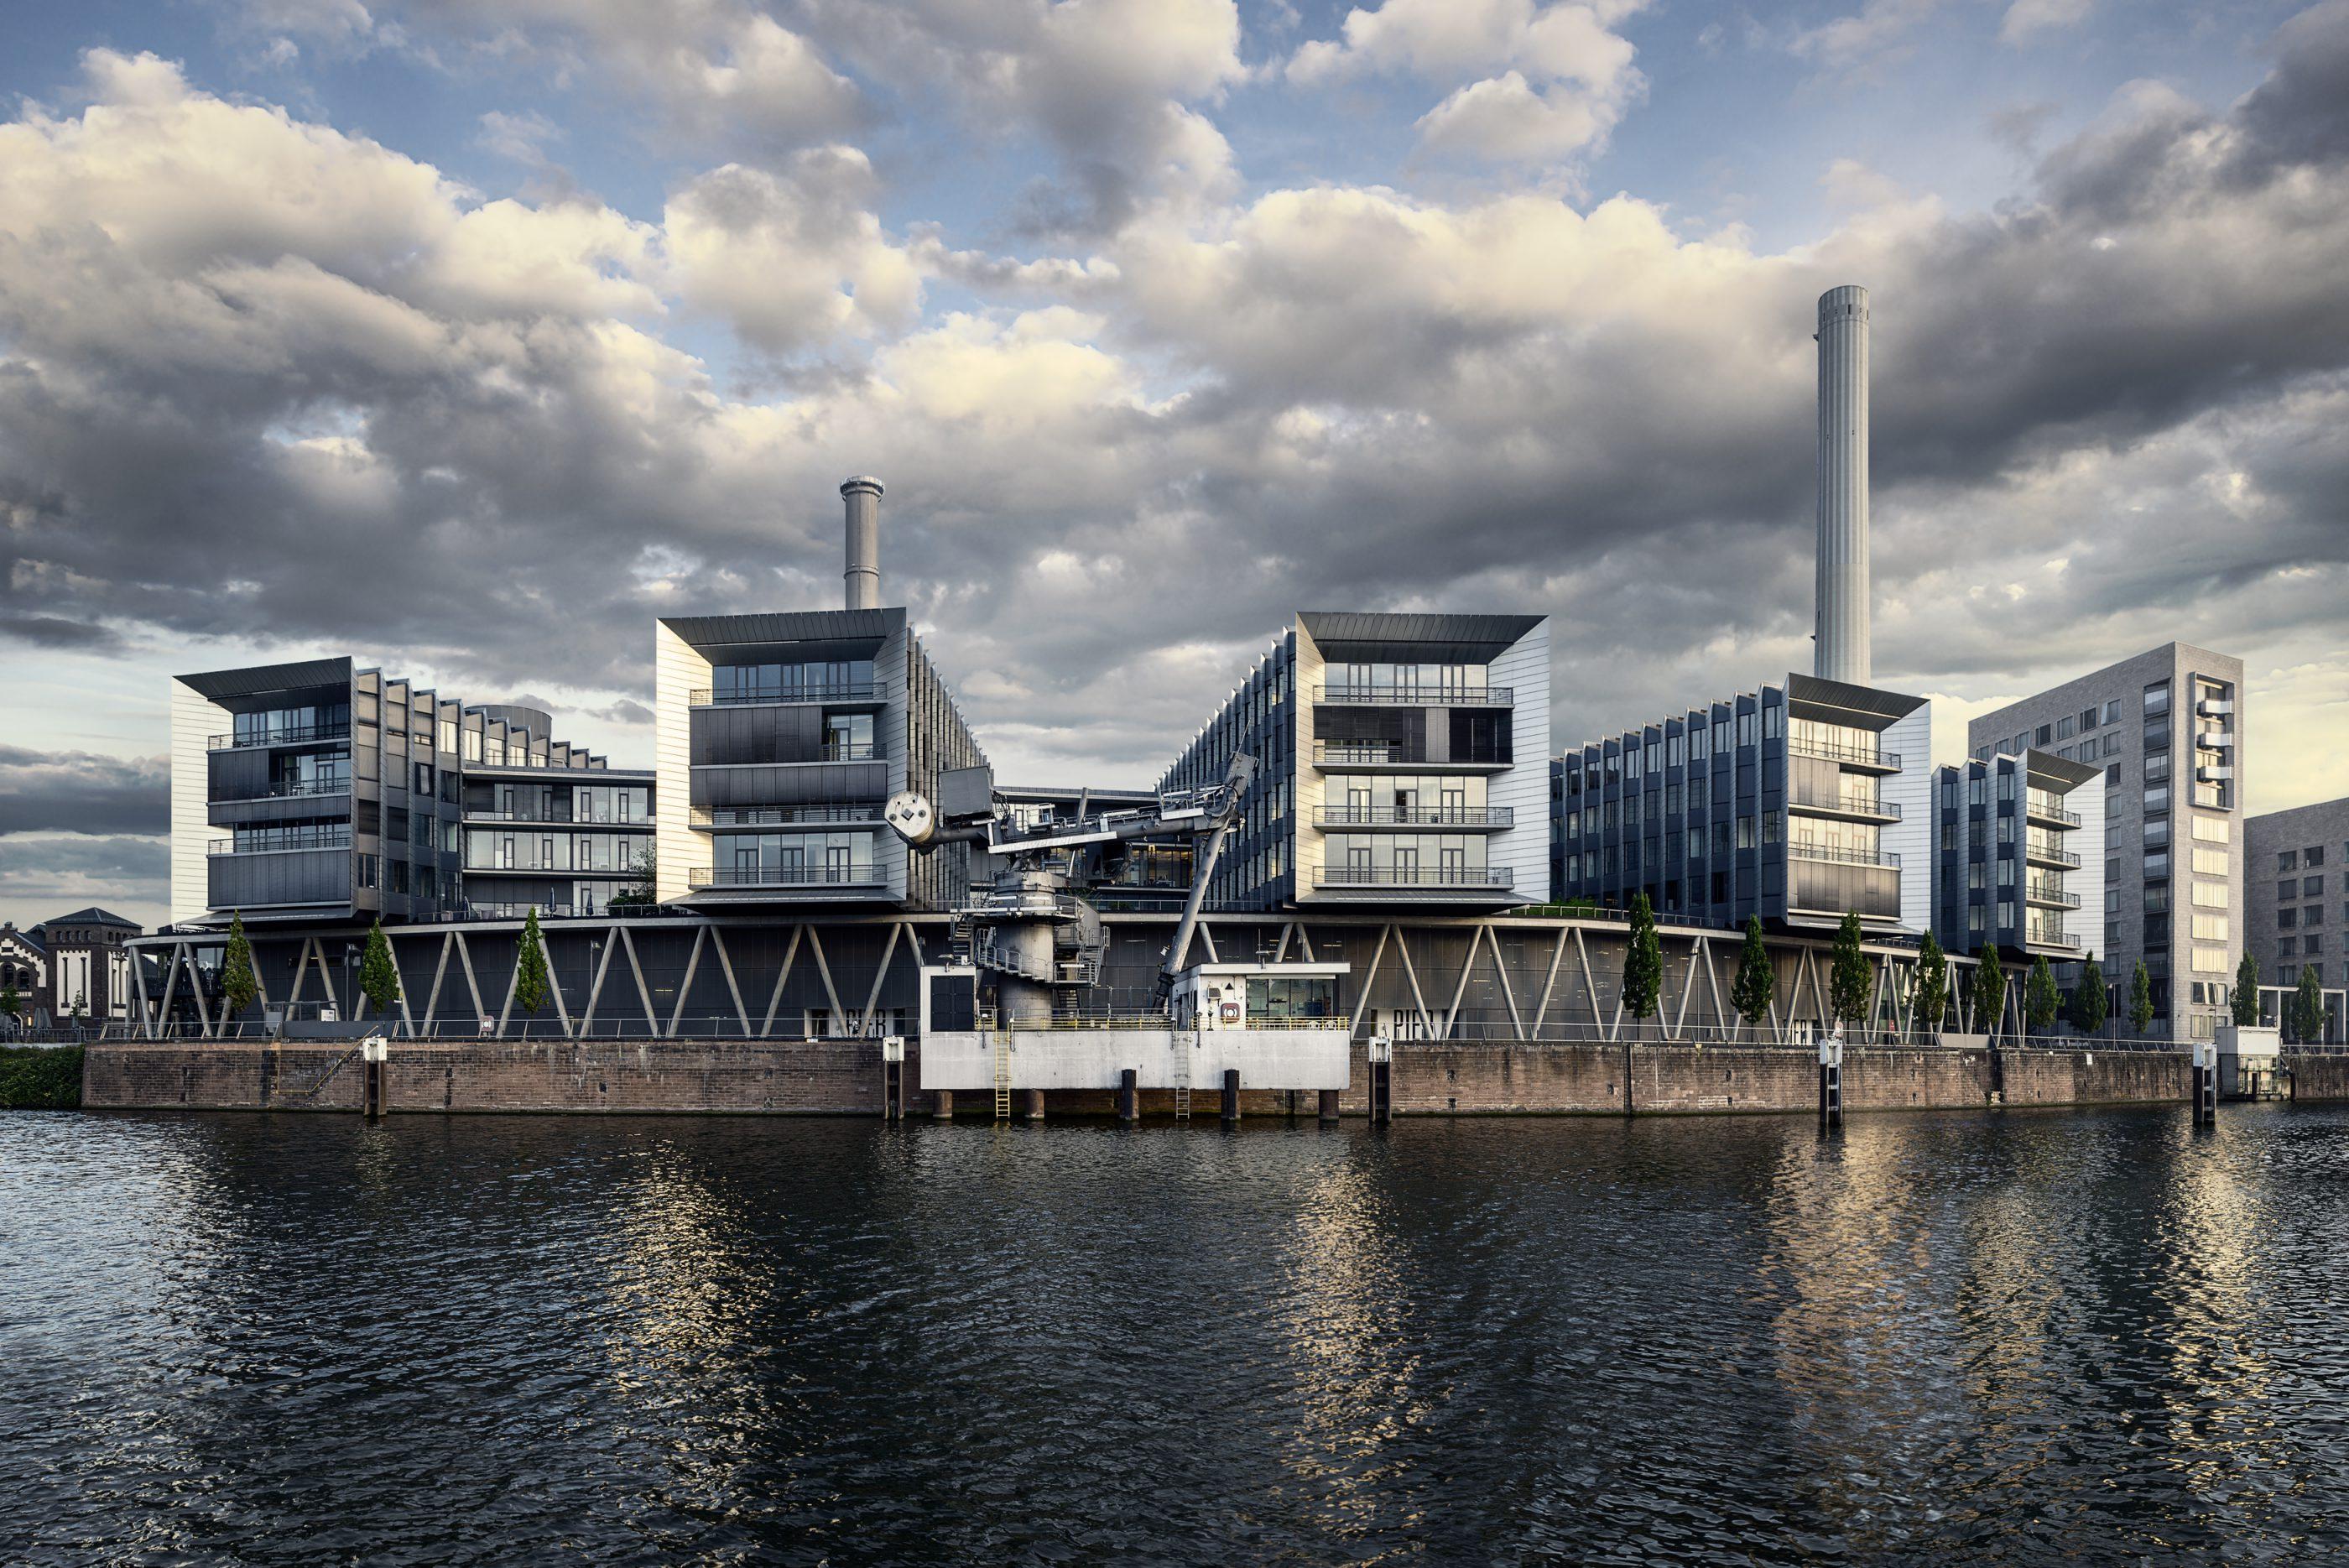 westhafen_pier_exterior01_medium